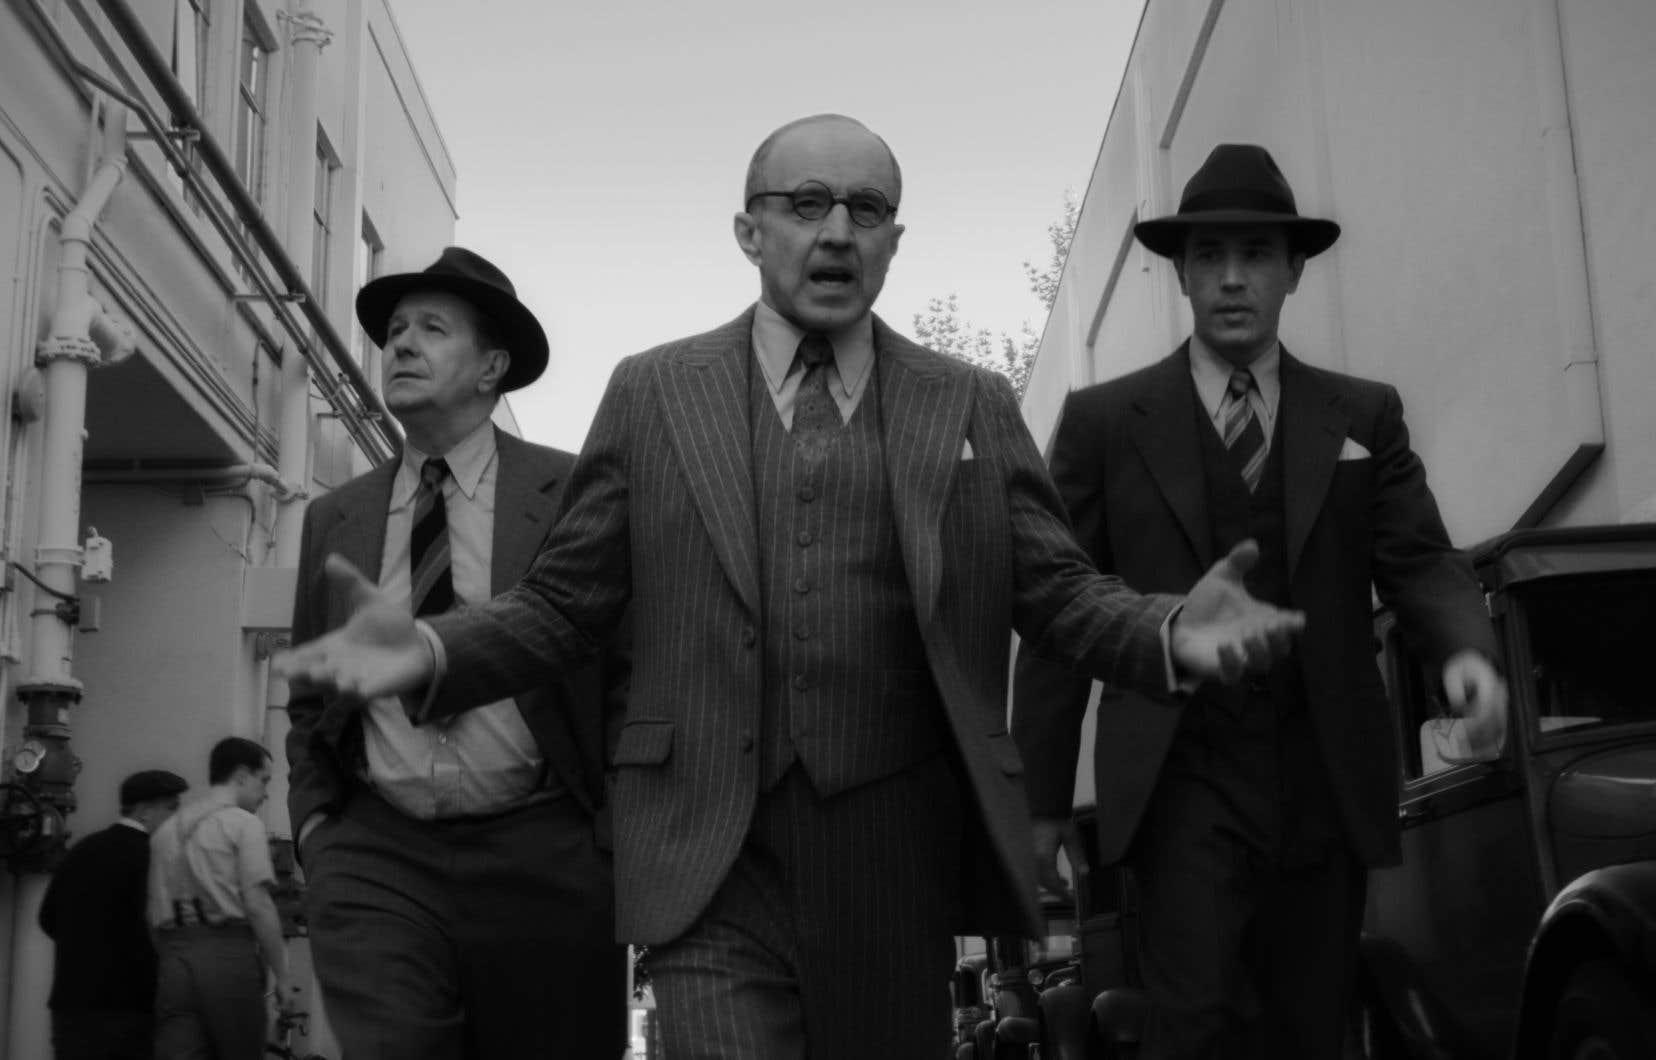 Mank, ode à l'âge d'or d'Hollywood de David Fincher, avec Gary Oldman dans le rôle du scénariste Herman J. Mankiewicz, part en position de tête.